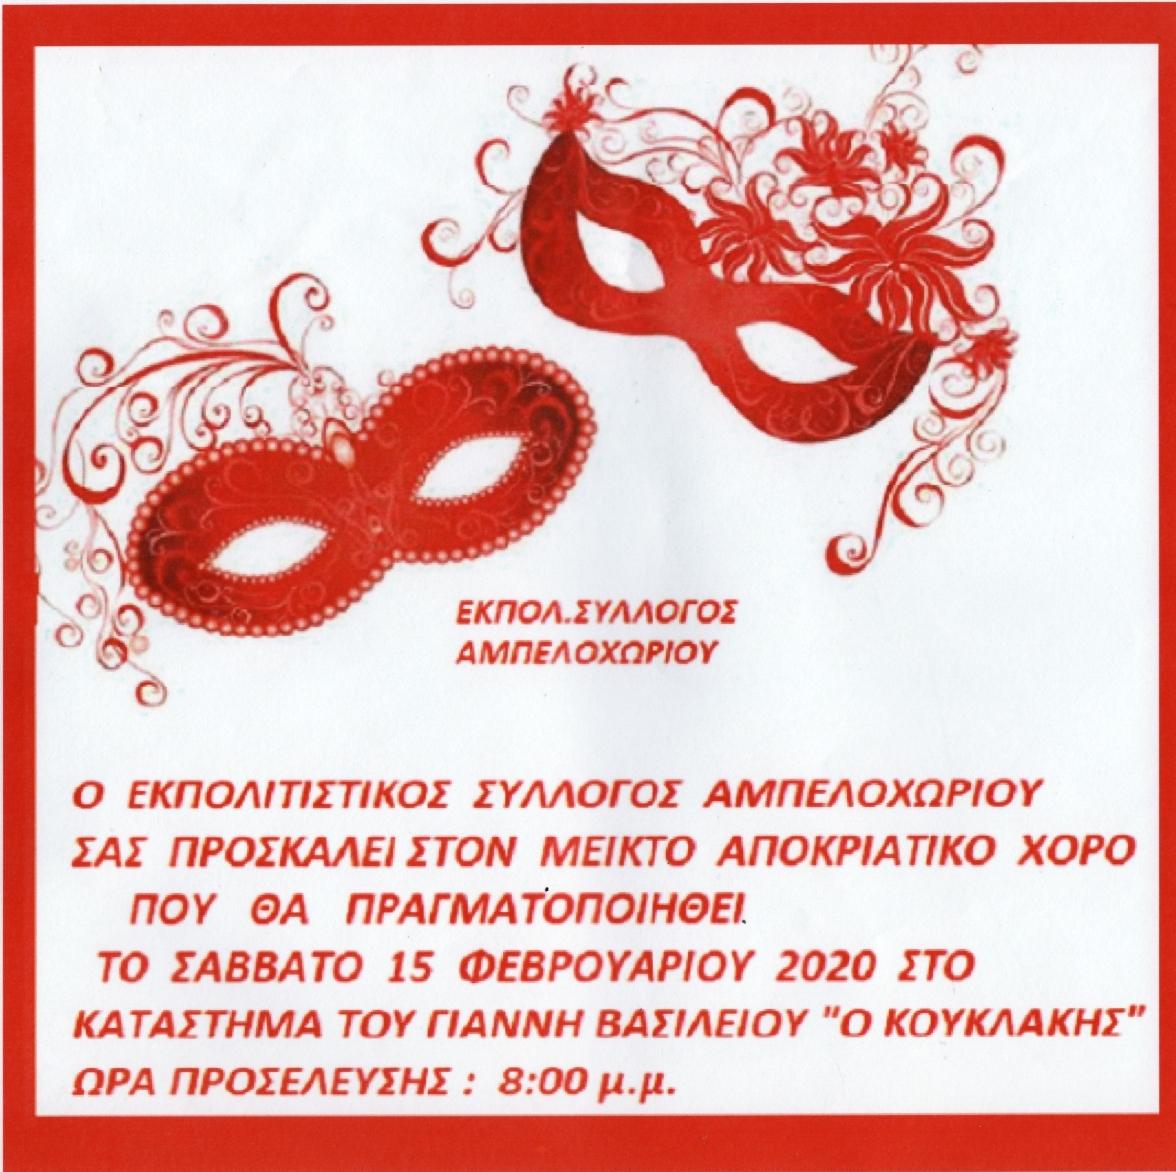 ΠΡΟΣΚΛΗΣΗ (2)_page-0001